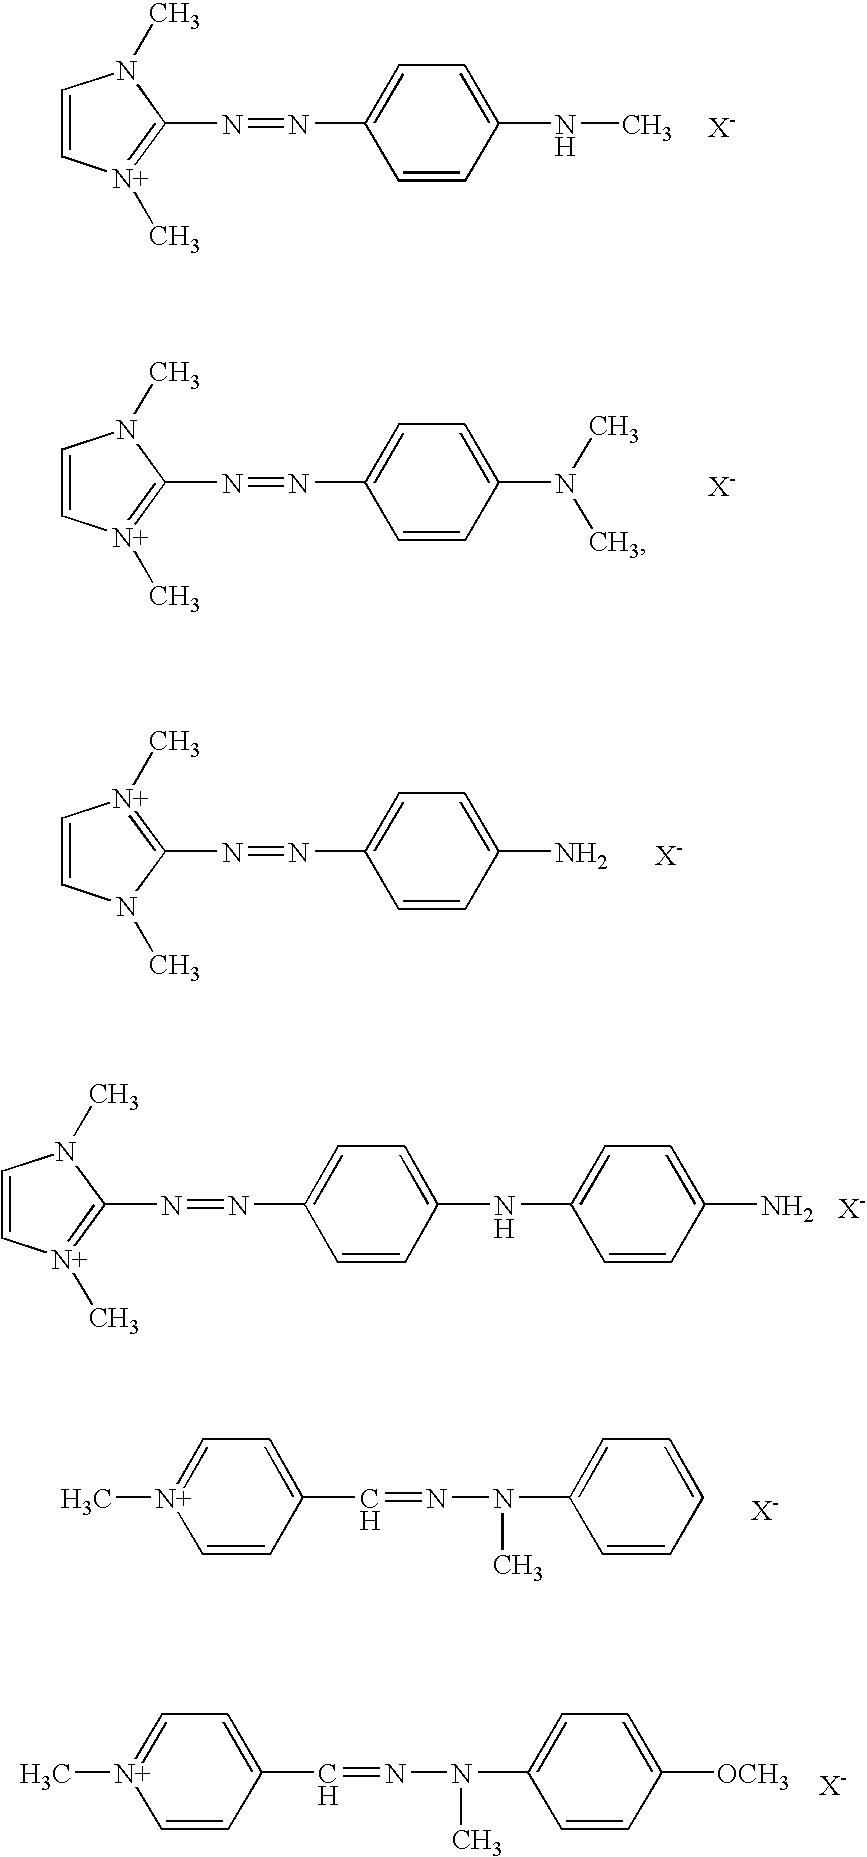 Figure US20100175706A1-20100715-C00016